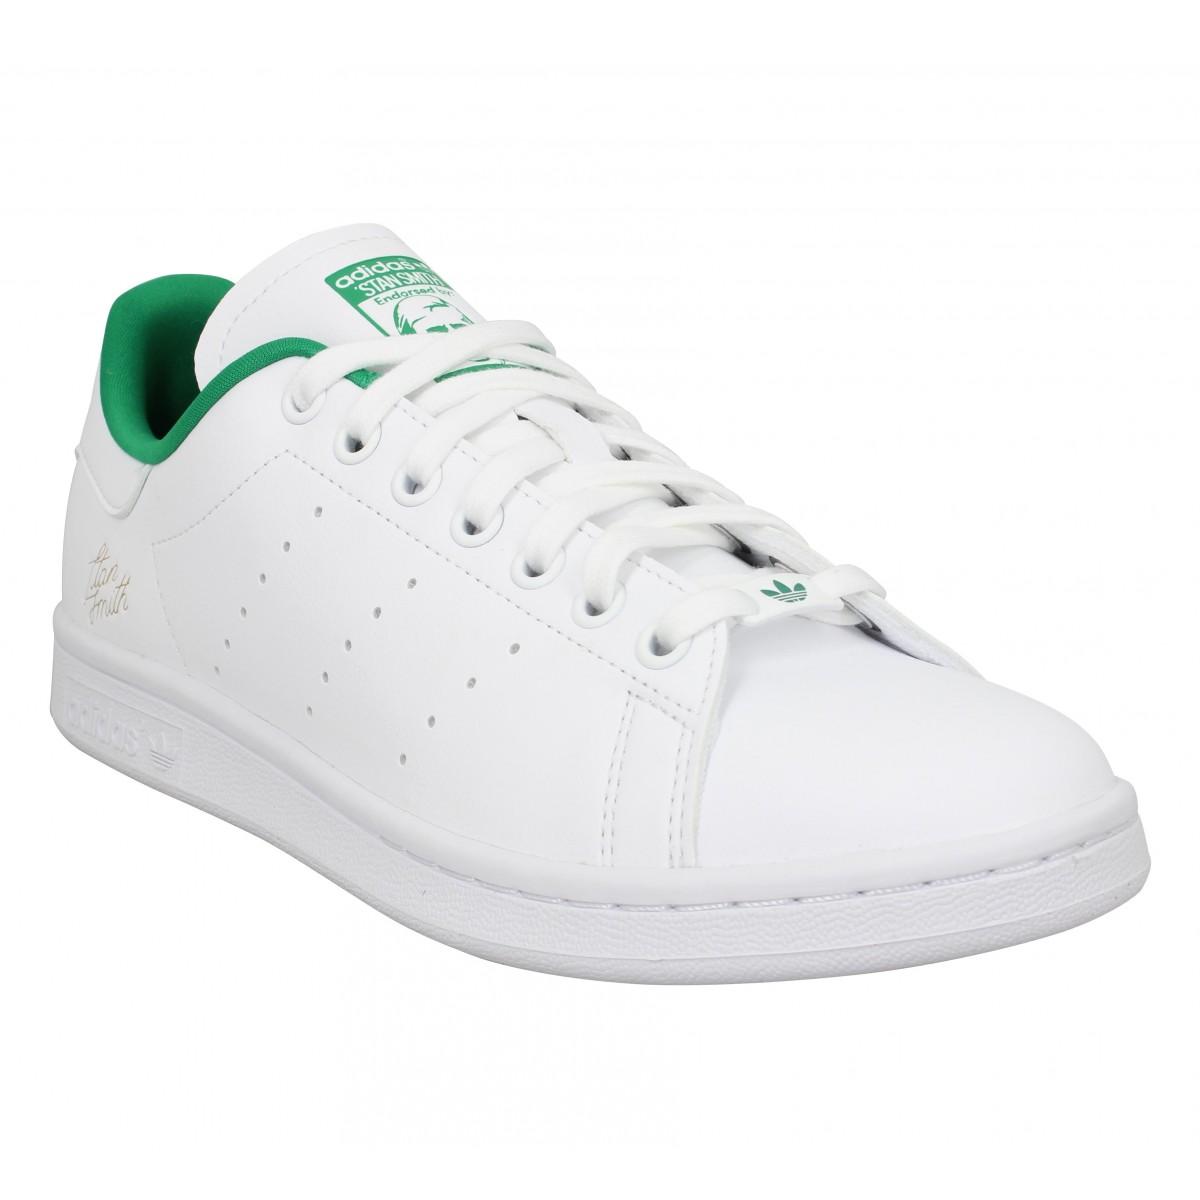 Adidas Homme Stan Smith Primegreen...